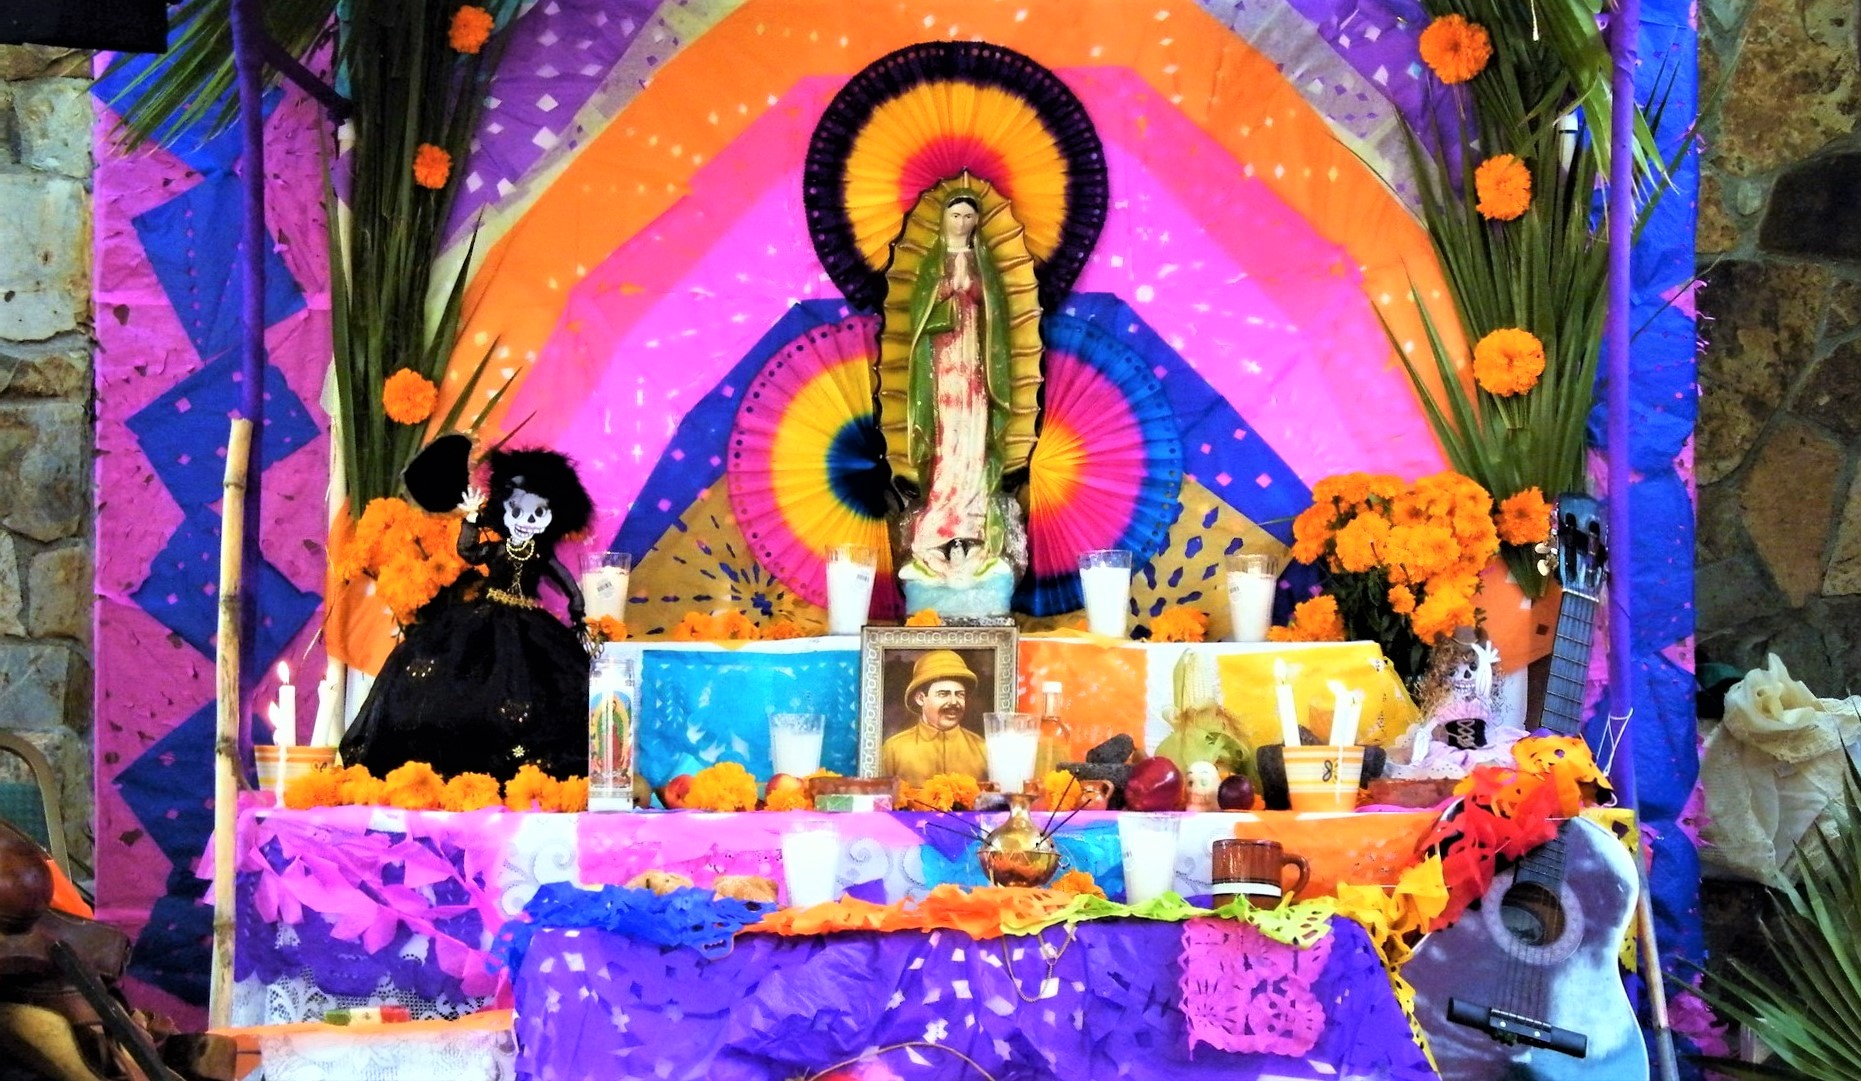 Día de los muertos - Présentation des autels des morts au Mexique